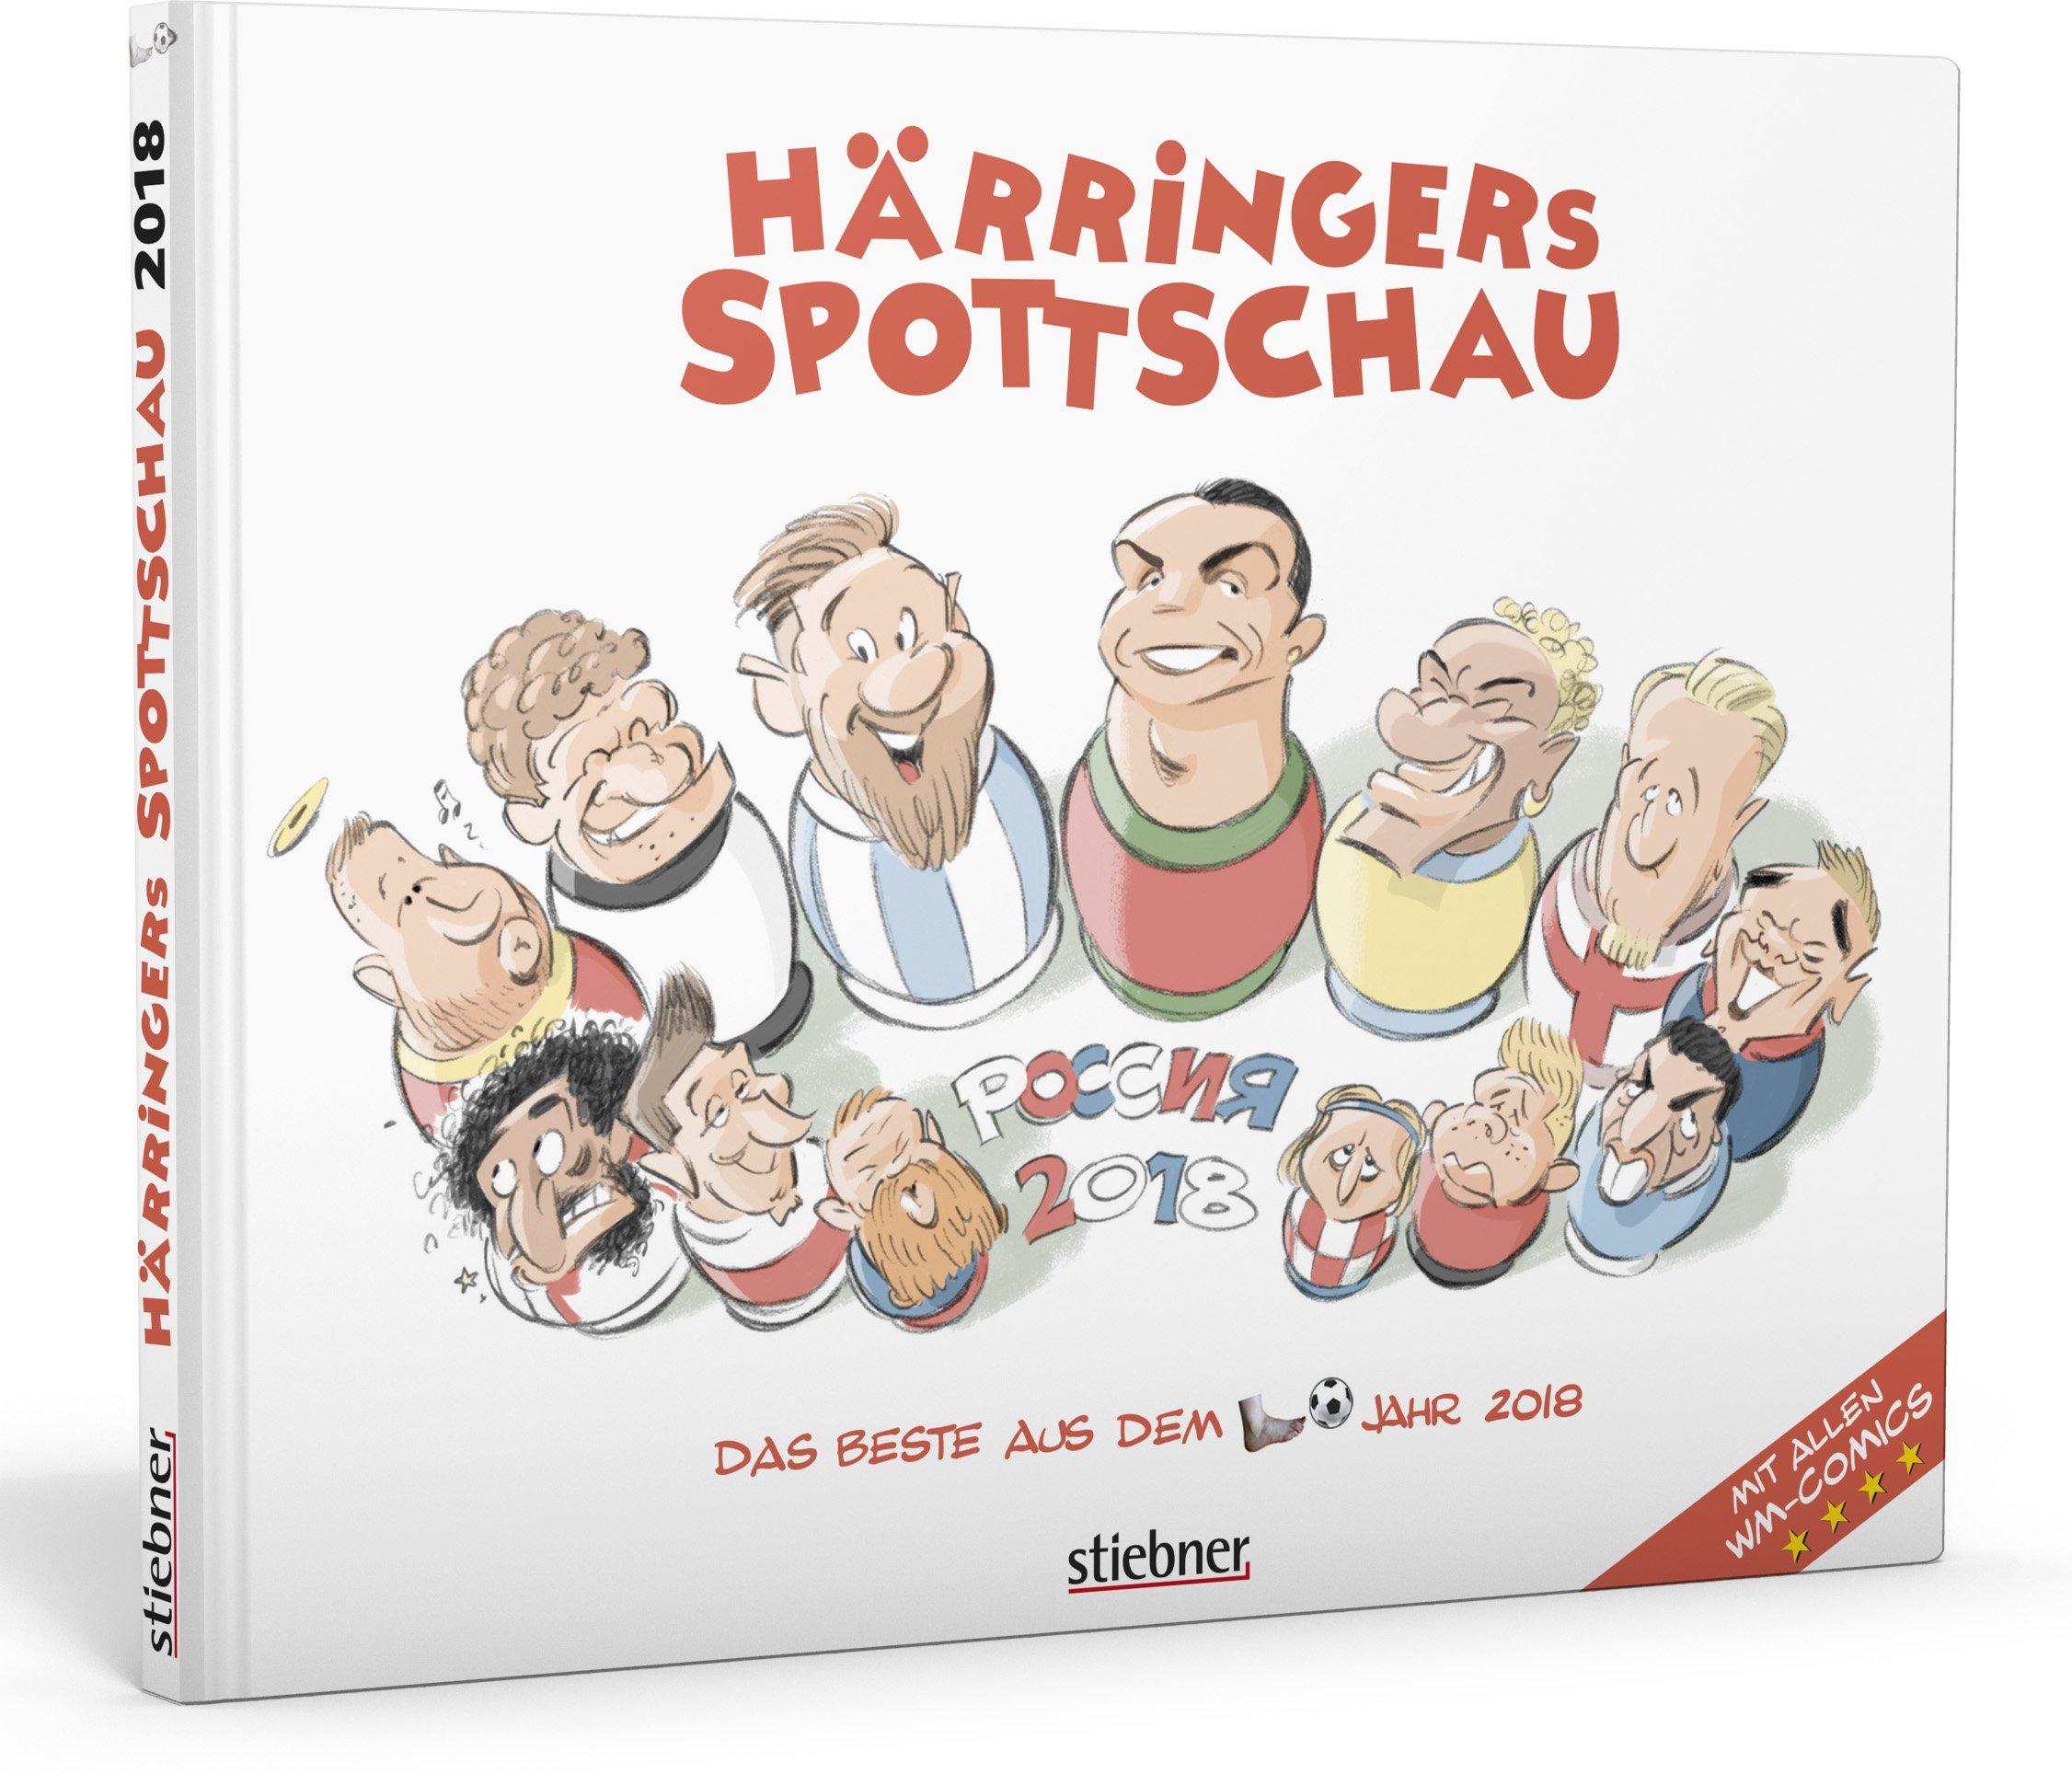 Härringers Spottschau: Das Beste aus dem Fußballjahr 2018 Gebundenes Buch – 27. August 2018 Christoph Härringer Stiebner 3830717059 2010 bis 2019 n. Chr.